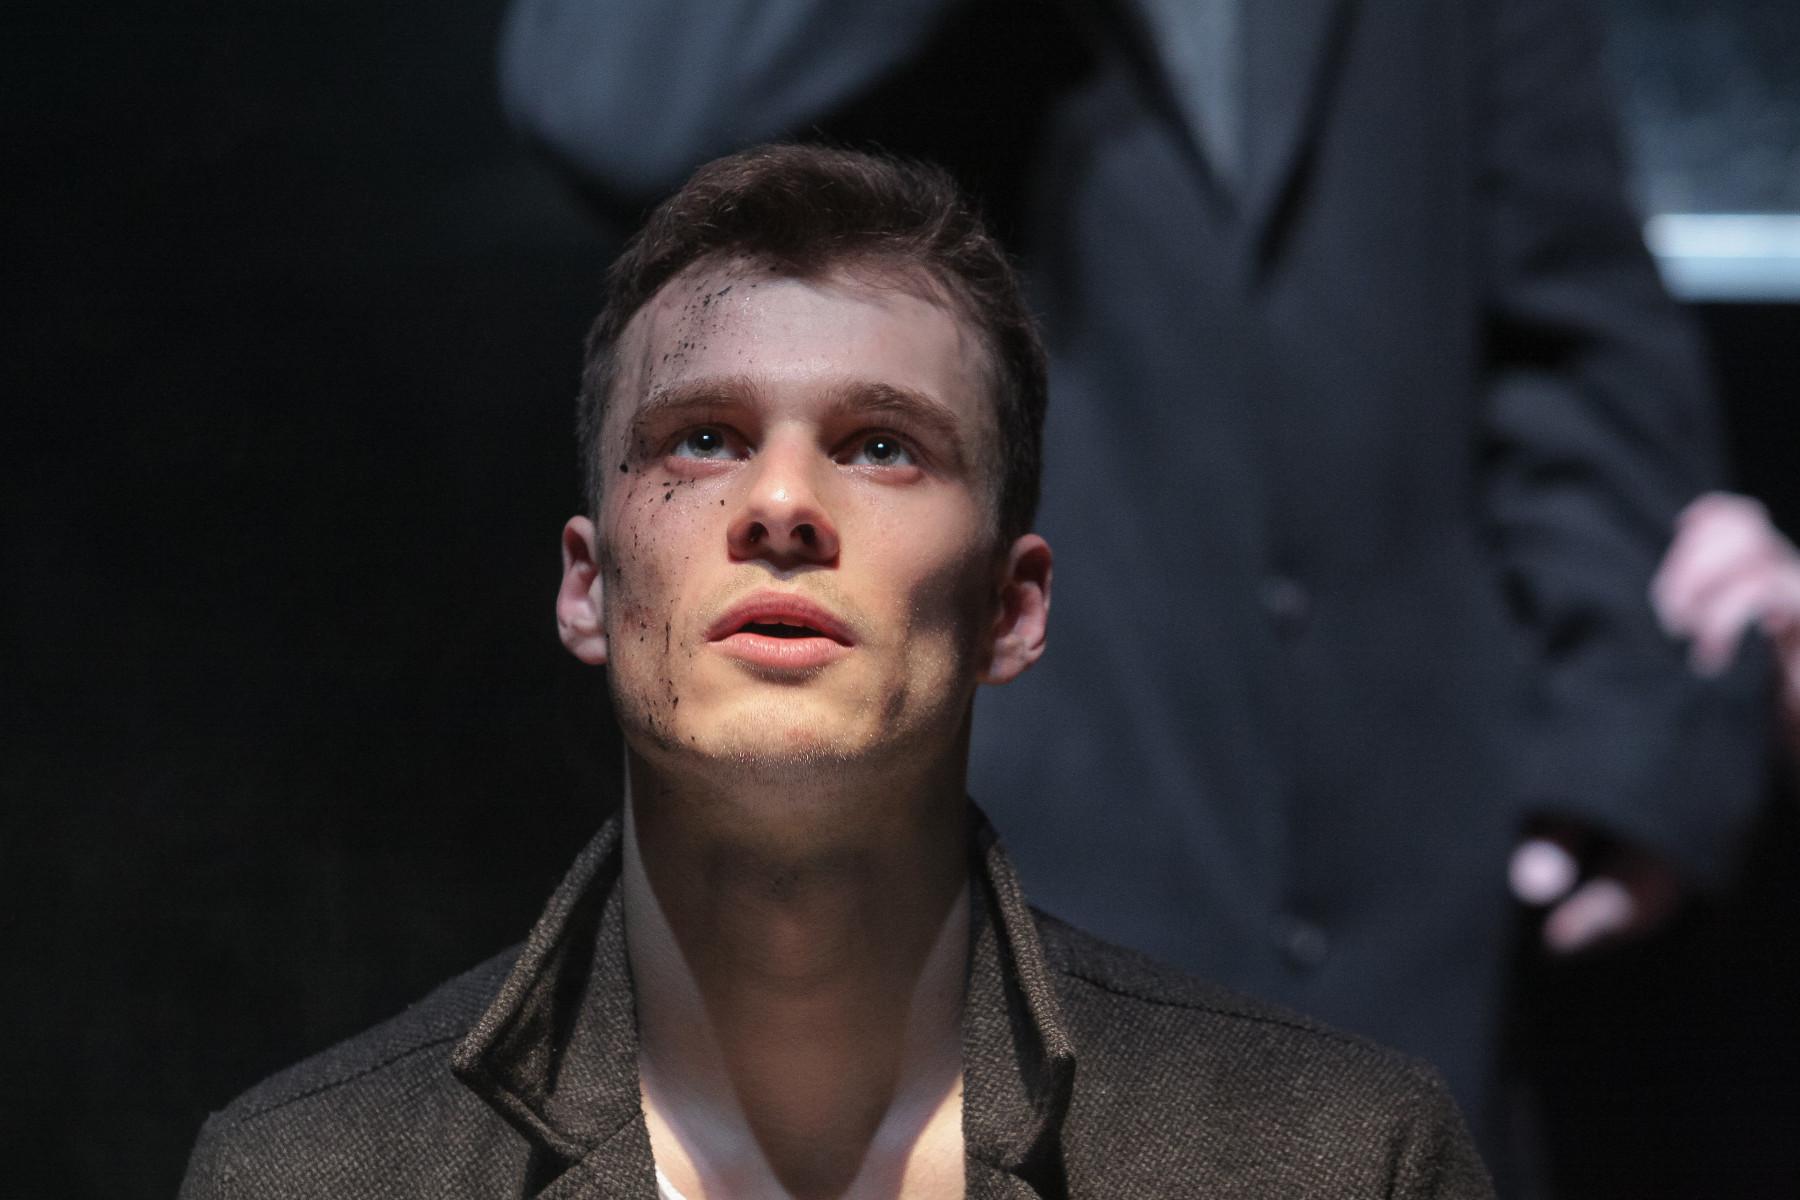 ВБарнауле стартуетII Всероссийский молодежный театральный фестиваль имени Валерия Золотухина